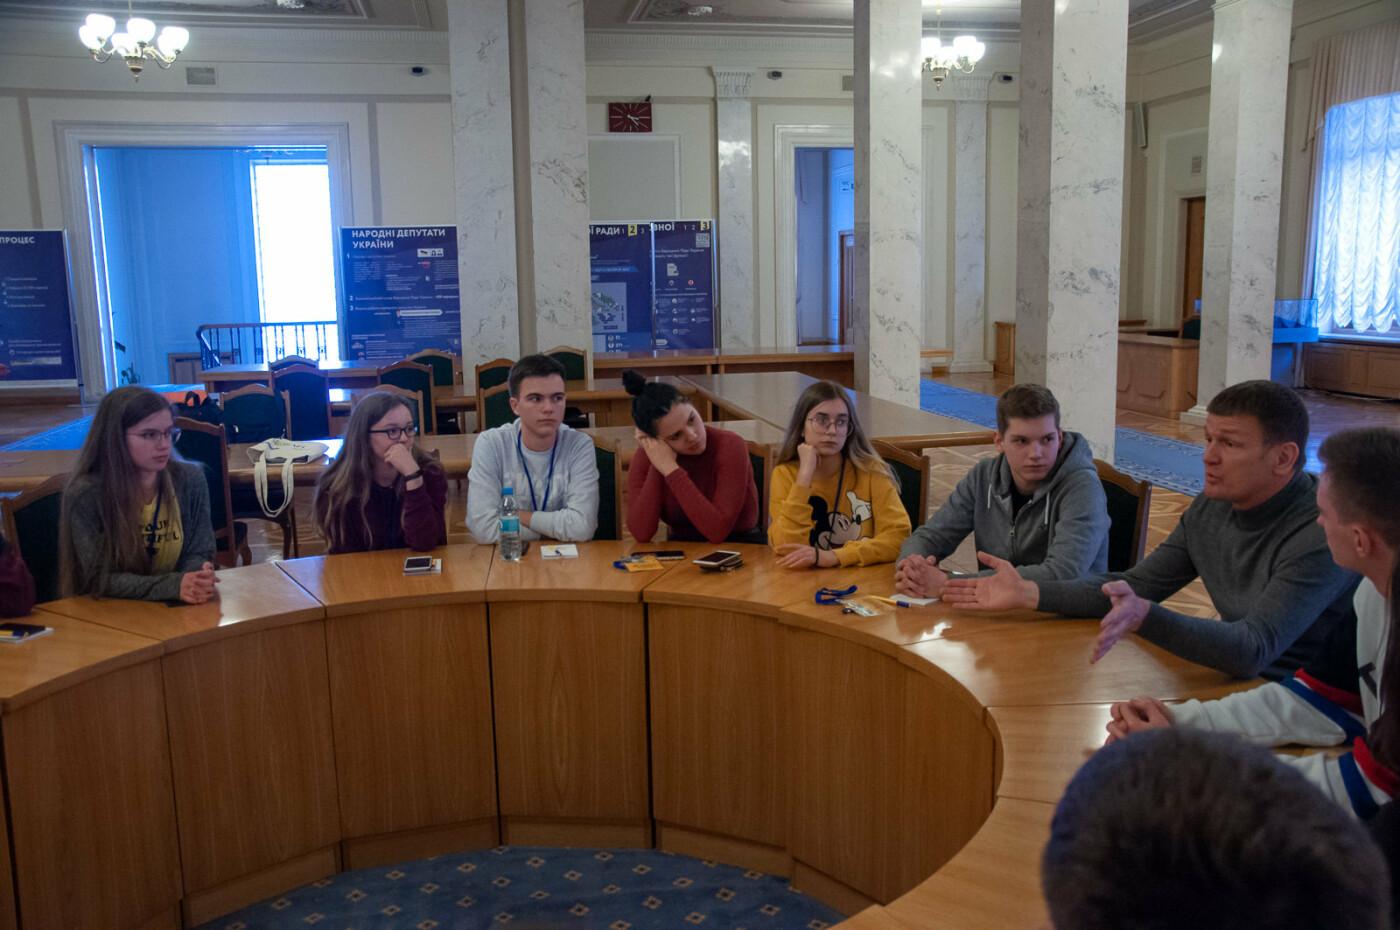 Подорож до парламенту: 20 закарпатських школярів виграли поїздку на освітню екскурсію до Верховної Ради (ВІДЕО), фото-4